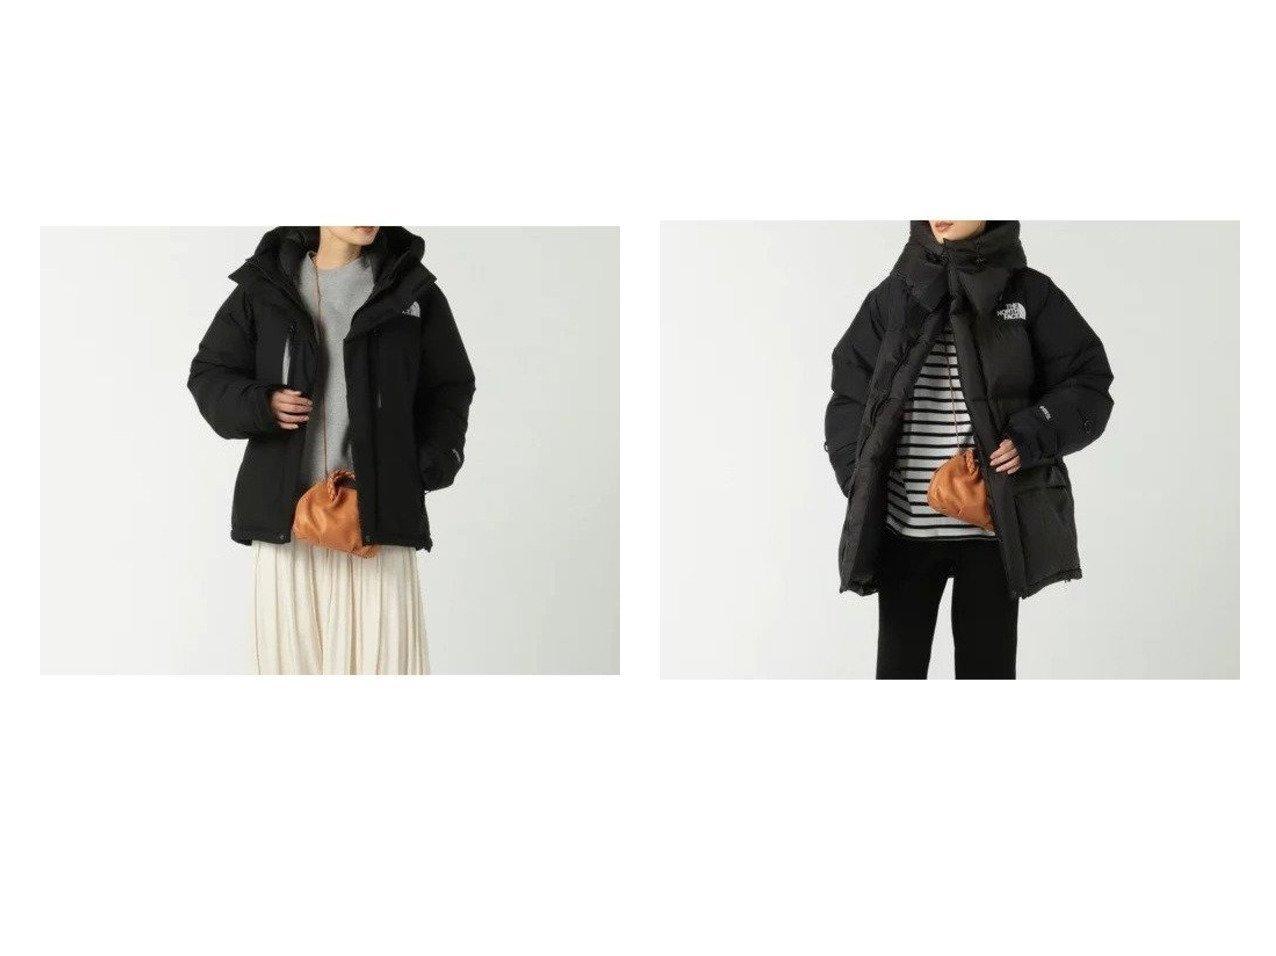 【THE NORTH FACE/ザ ノース フェイス】のBaltoro Light Jacket&Him Down Parka 【アウター】おすすめ!人気、トレンド・レディースファッションの通販 おすすめで人気の流行・トレンド、ファッションの通販商品 インテリア・家具・メンズファッション・キッズファッション・レディースファッション・服の通販 founy(ファニー) https://founy.com/ ファッション Fashion レディースファッション WOMEN アウター Coat Outerwear コート Coats ジャケット Jackets ジャケット ダウン パーカー  ID:crp329100000056367